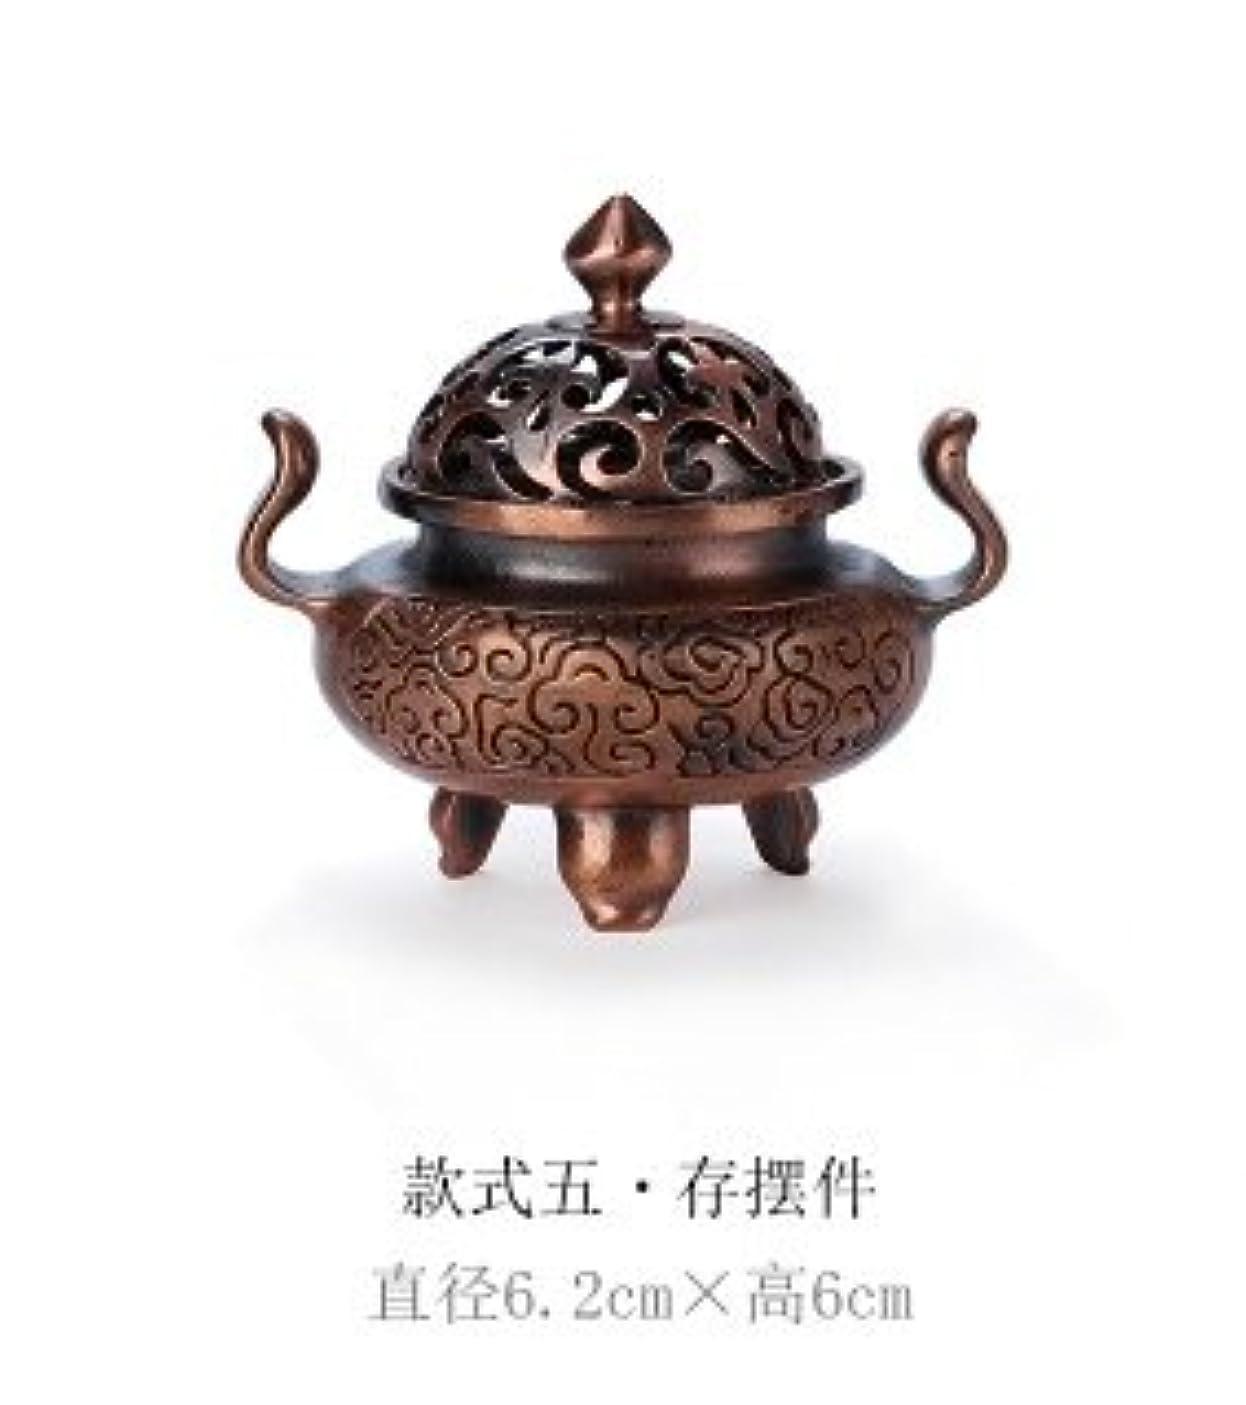 社会年次勇気のある金属镂空檀香香炉 功夫茶具 アクセサリー茶装飾 线香香炉 (銅色)